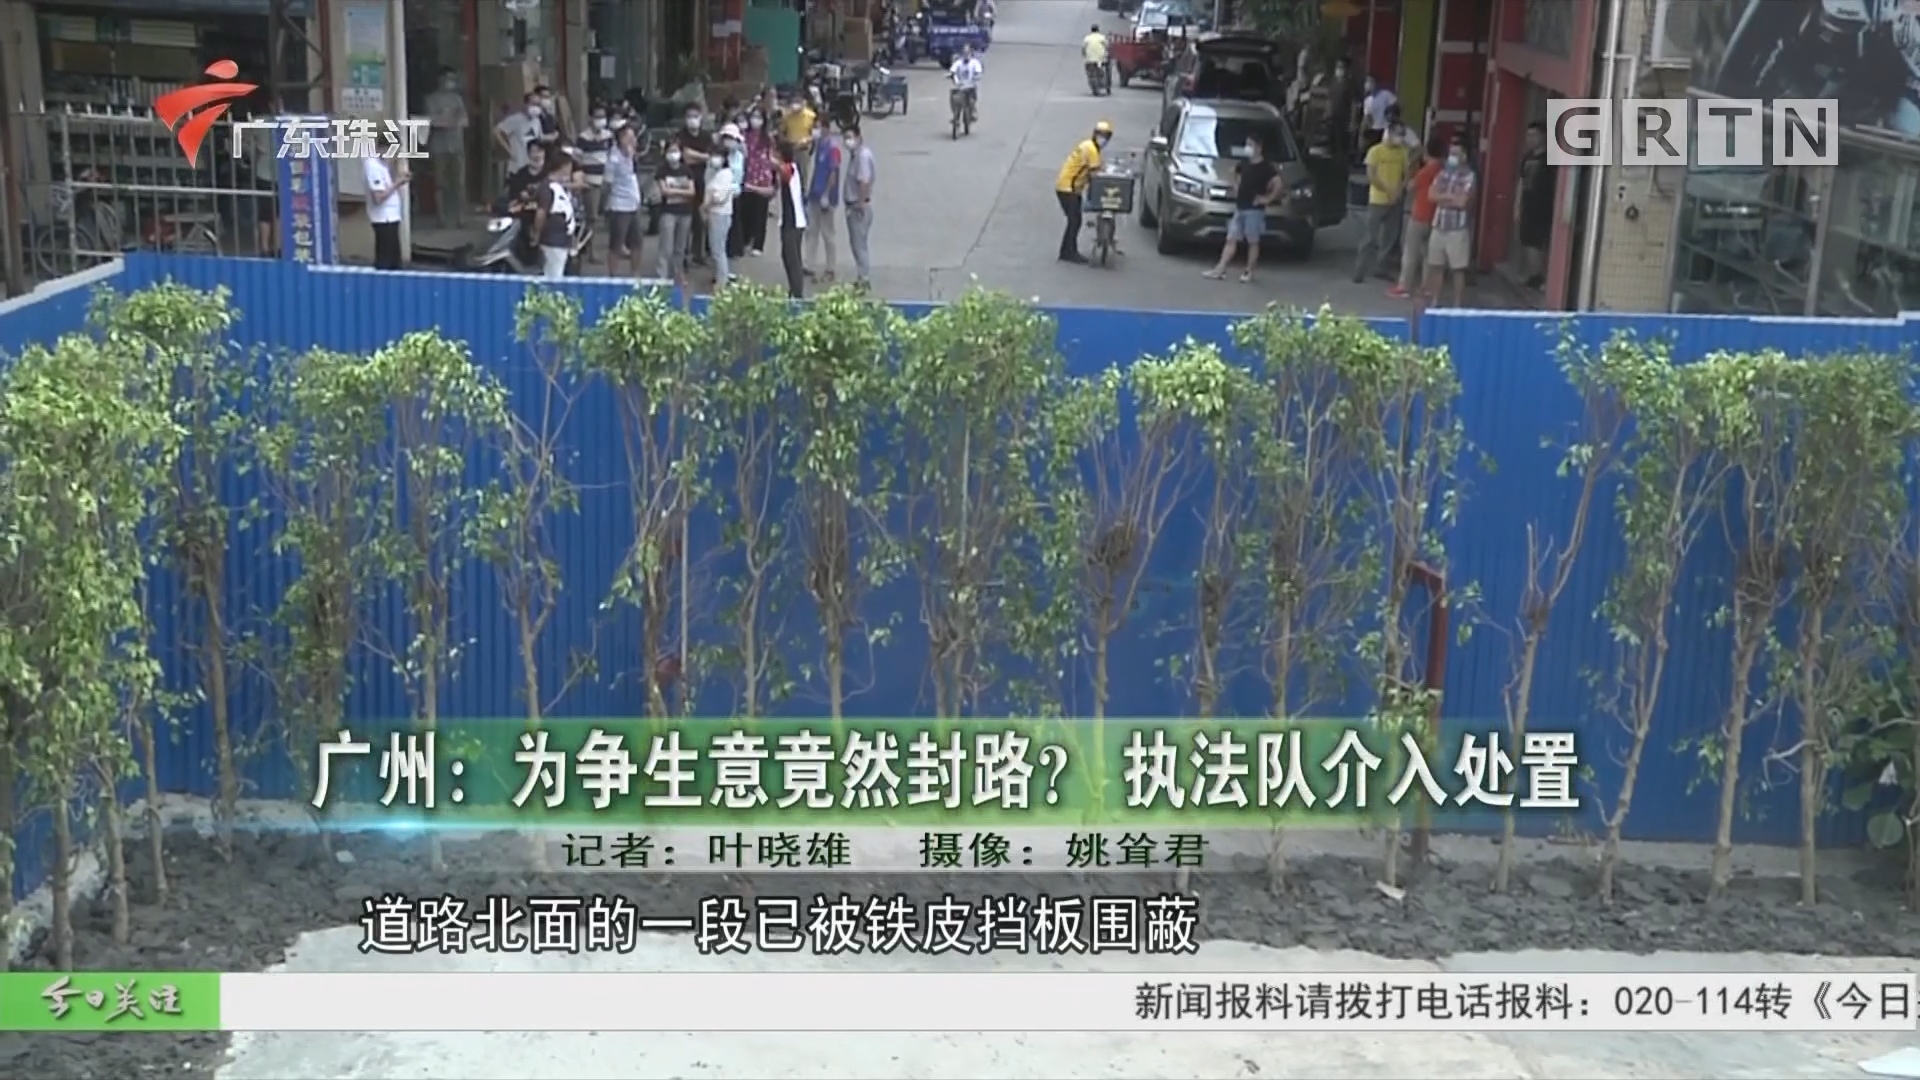 广州:为争生意竟然封路?执法队介入处置